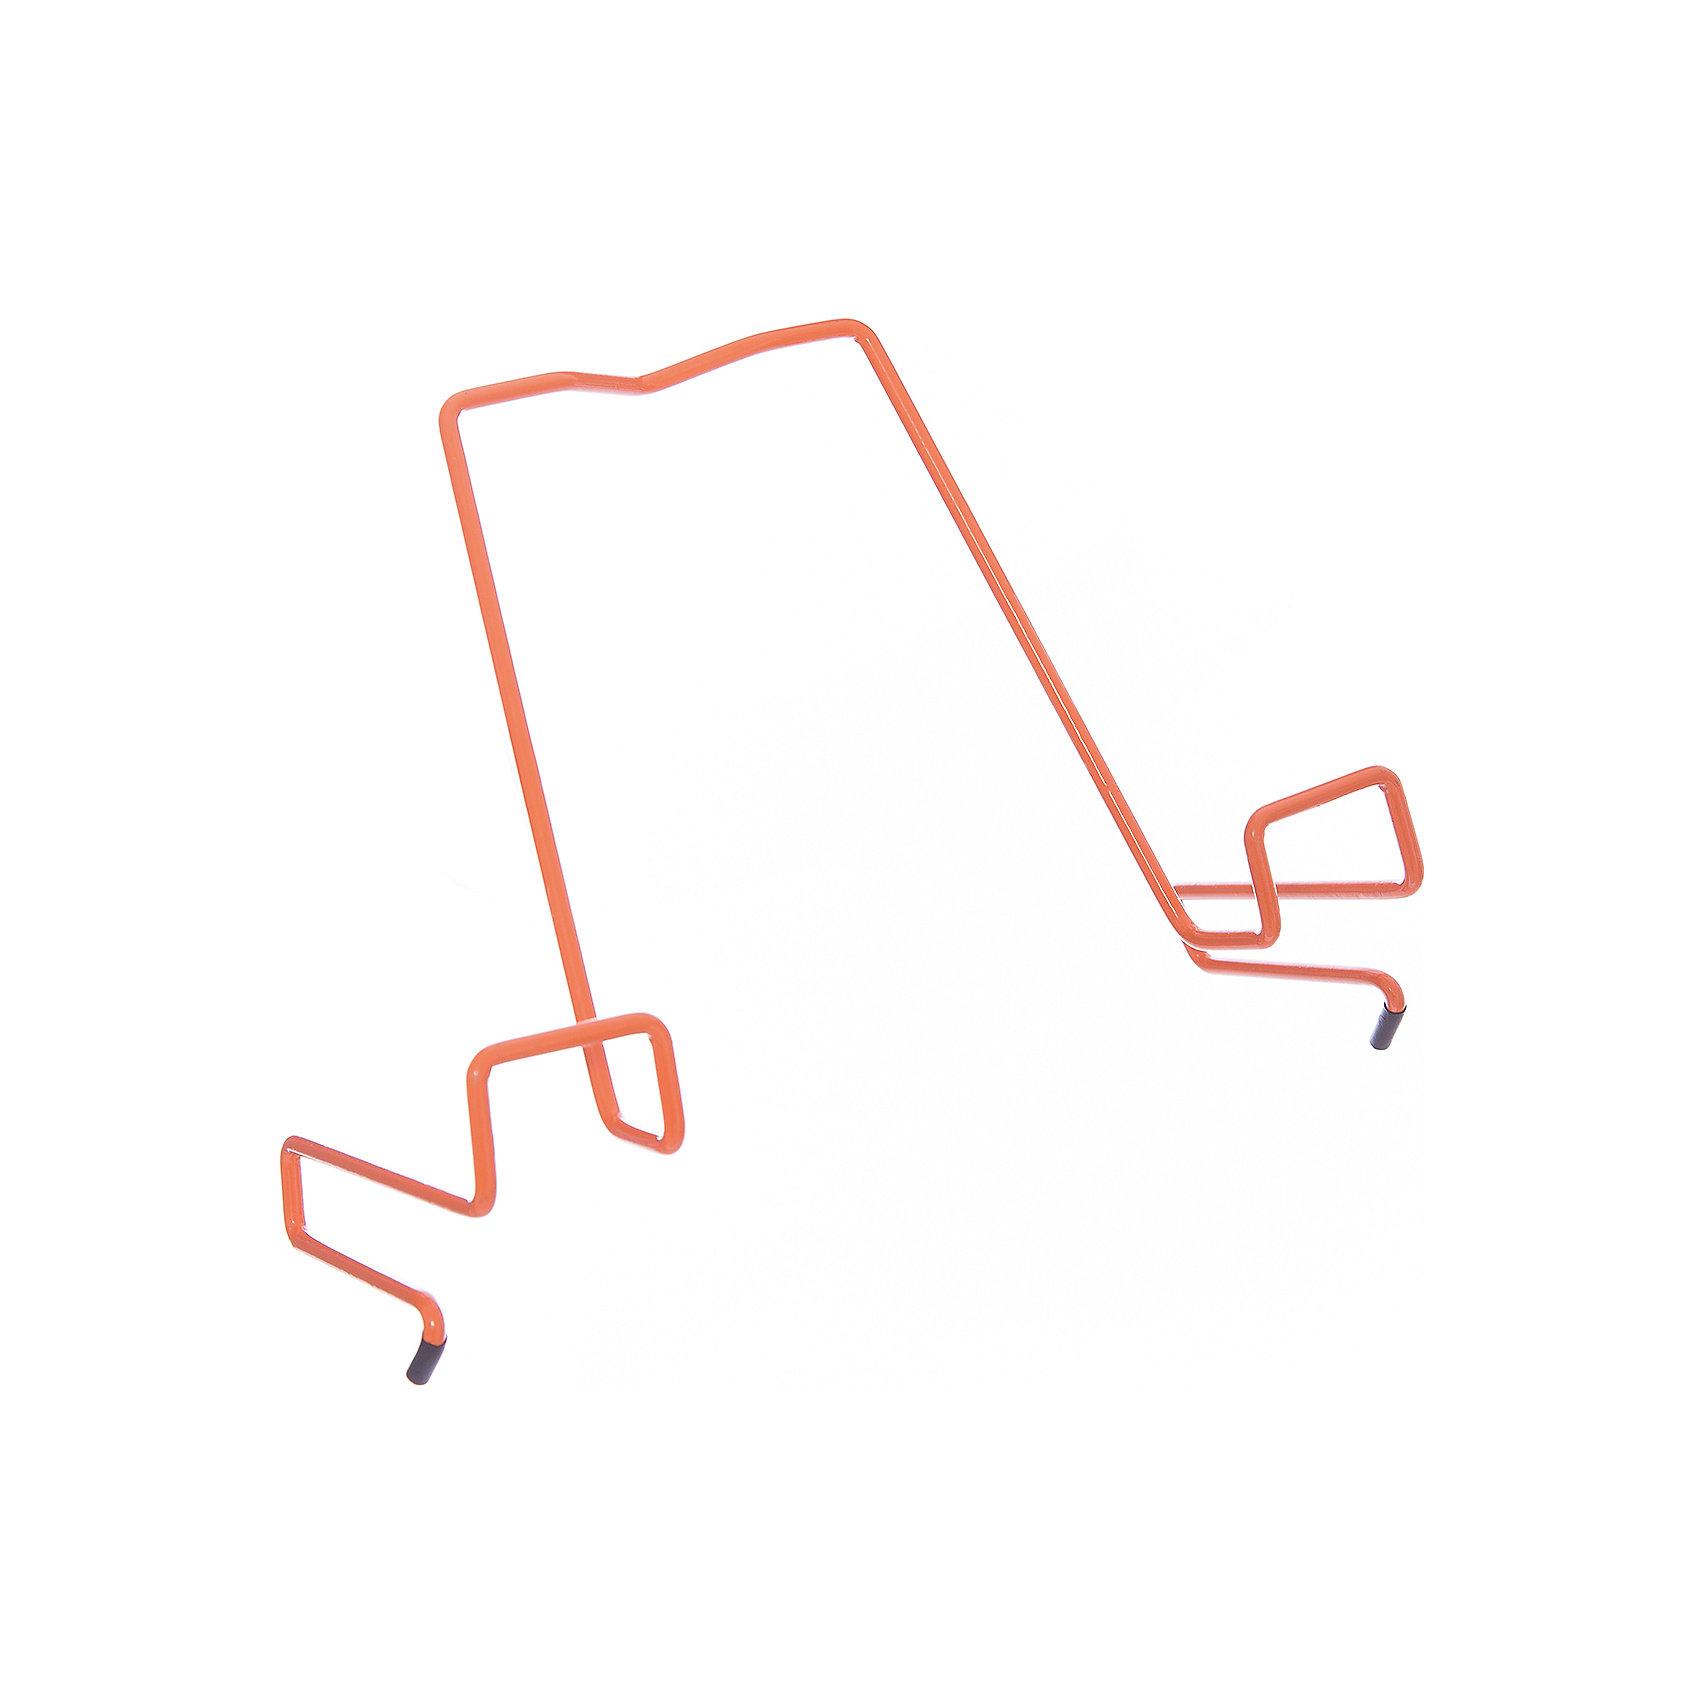 Подставка для книг металлическая ПДК.02, Дэми, оранжевыйМебель<br>Подставка для книг металлическая ПДК.02, Дэми, оранжевый – необходимая вещь для каждого ребенка.<br>Данная модель представляет собой привычную металлическую подставку, знакомую всем с детства. Однако ее отличие в том, что подставка надежно крепится к столу Дэми. Это позволяет ребенку не волноваться о том, что она может упасть. У подставки удобный угол наклона, но при желании ее можно отрегулировать. <br><br>Дополнительная информация: <br><br>Размер: 330x202x55 мм<br>Вес: 100 гр<br>Материал: металл<br>Цвет: оранжевый<br><br>Подставку для книг металлическую ПДК.02, Дэми, оранжевую можно купить в нашем интернет магазине.<br><br>Ширина мм: 500<br>Глубина мм: 390<br>Высота мм: 30<br>Вес г: 100<br>Возраст от месяцев: 48<br>Возраст до месяцев: 1188<br>Пол: Унисекс<br>Возраст: Детский<br>SKU: 4919239